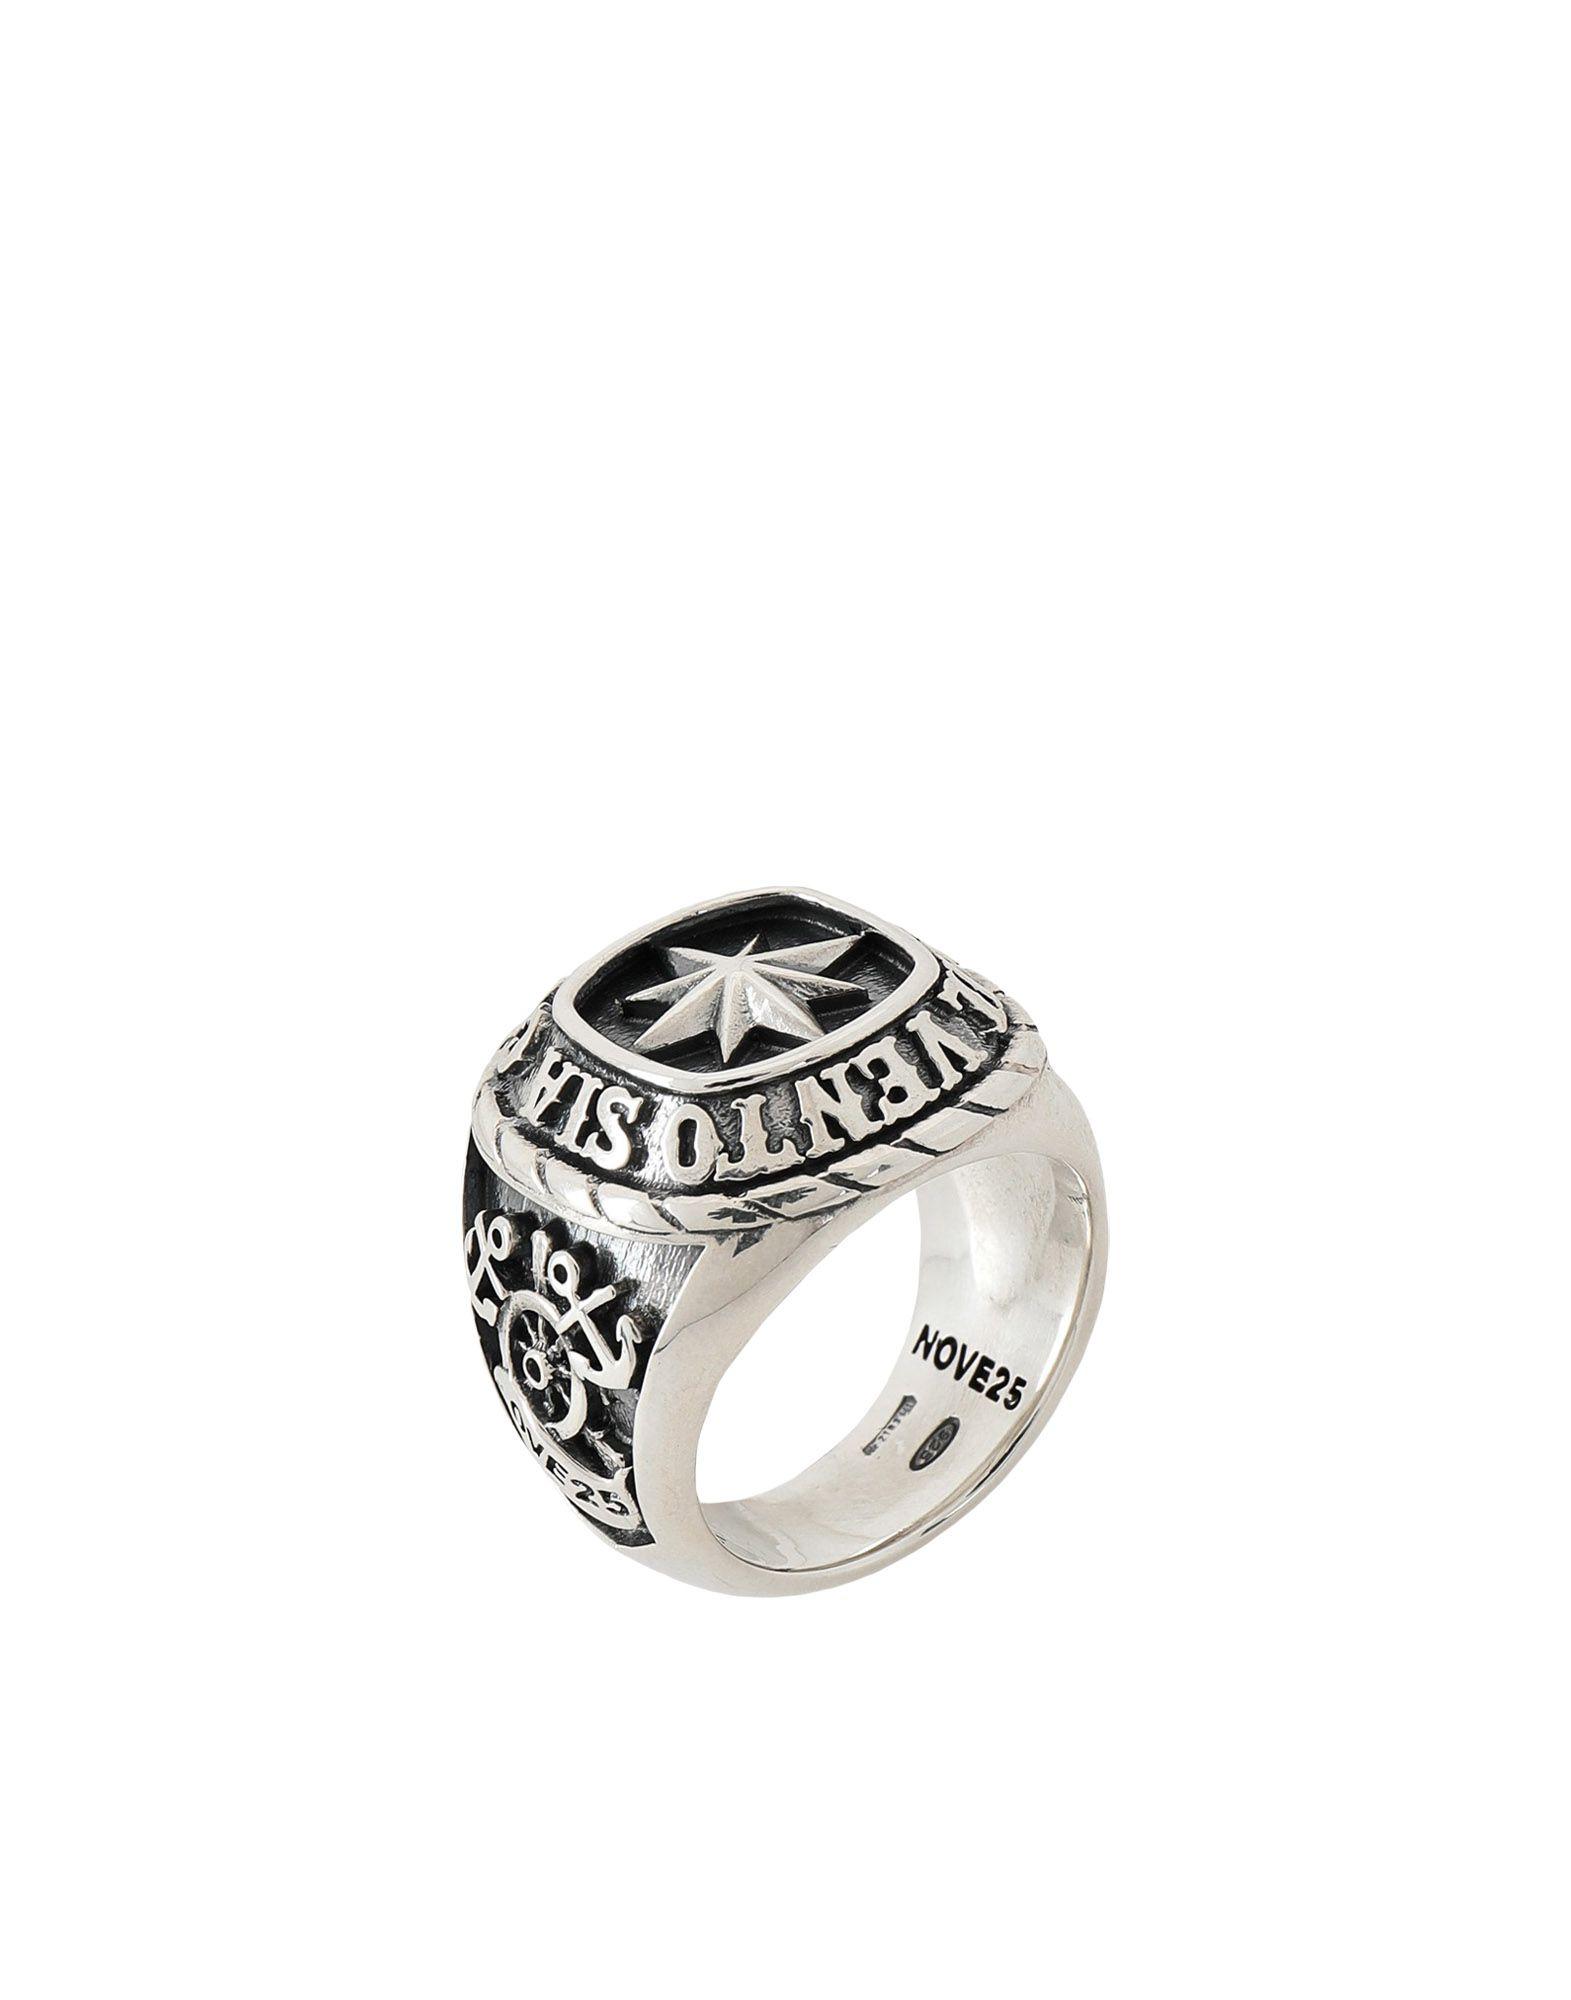 《期間限定 セール開催中》NOVE25 メンズ 指輪 シルバー 14 シルバー925/1000 TRADITIONAL WIND ROSE RING